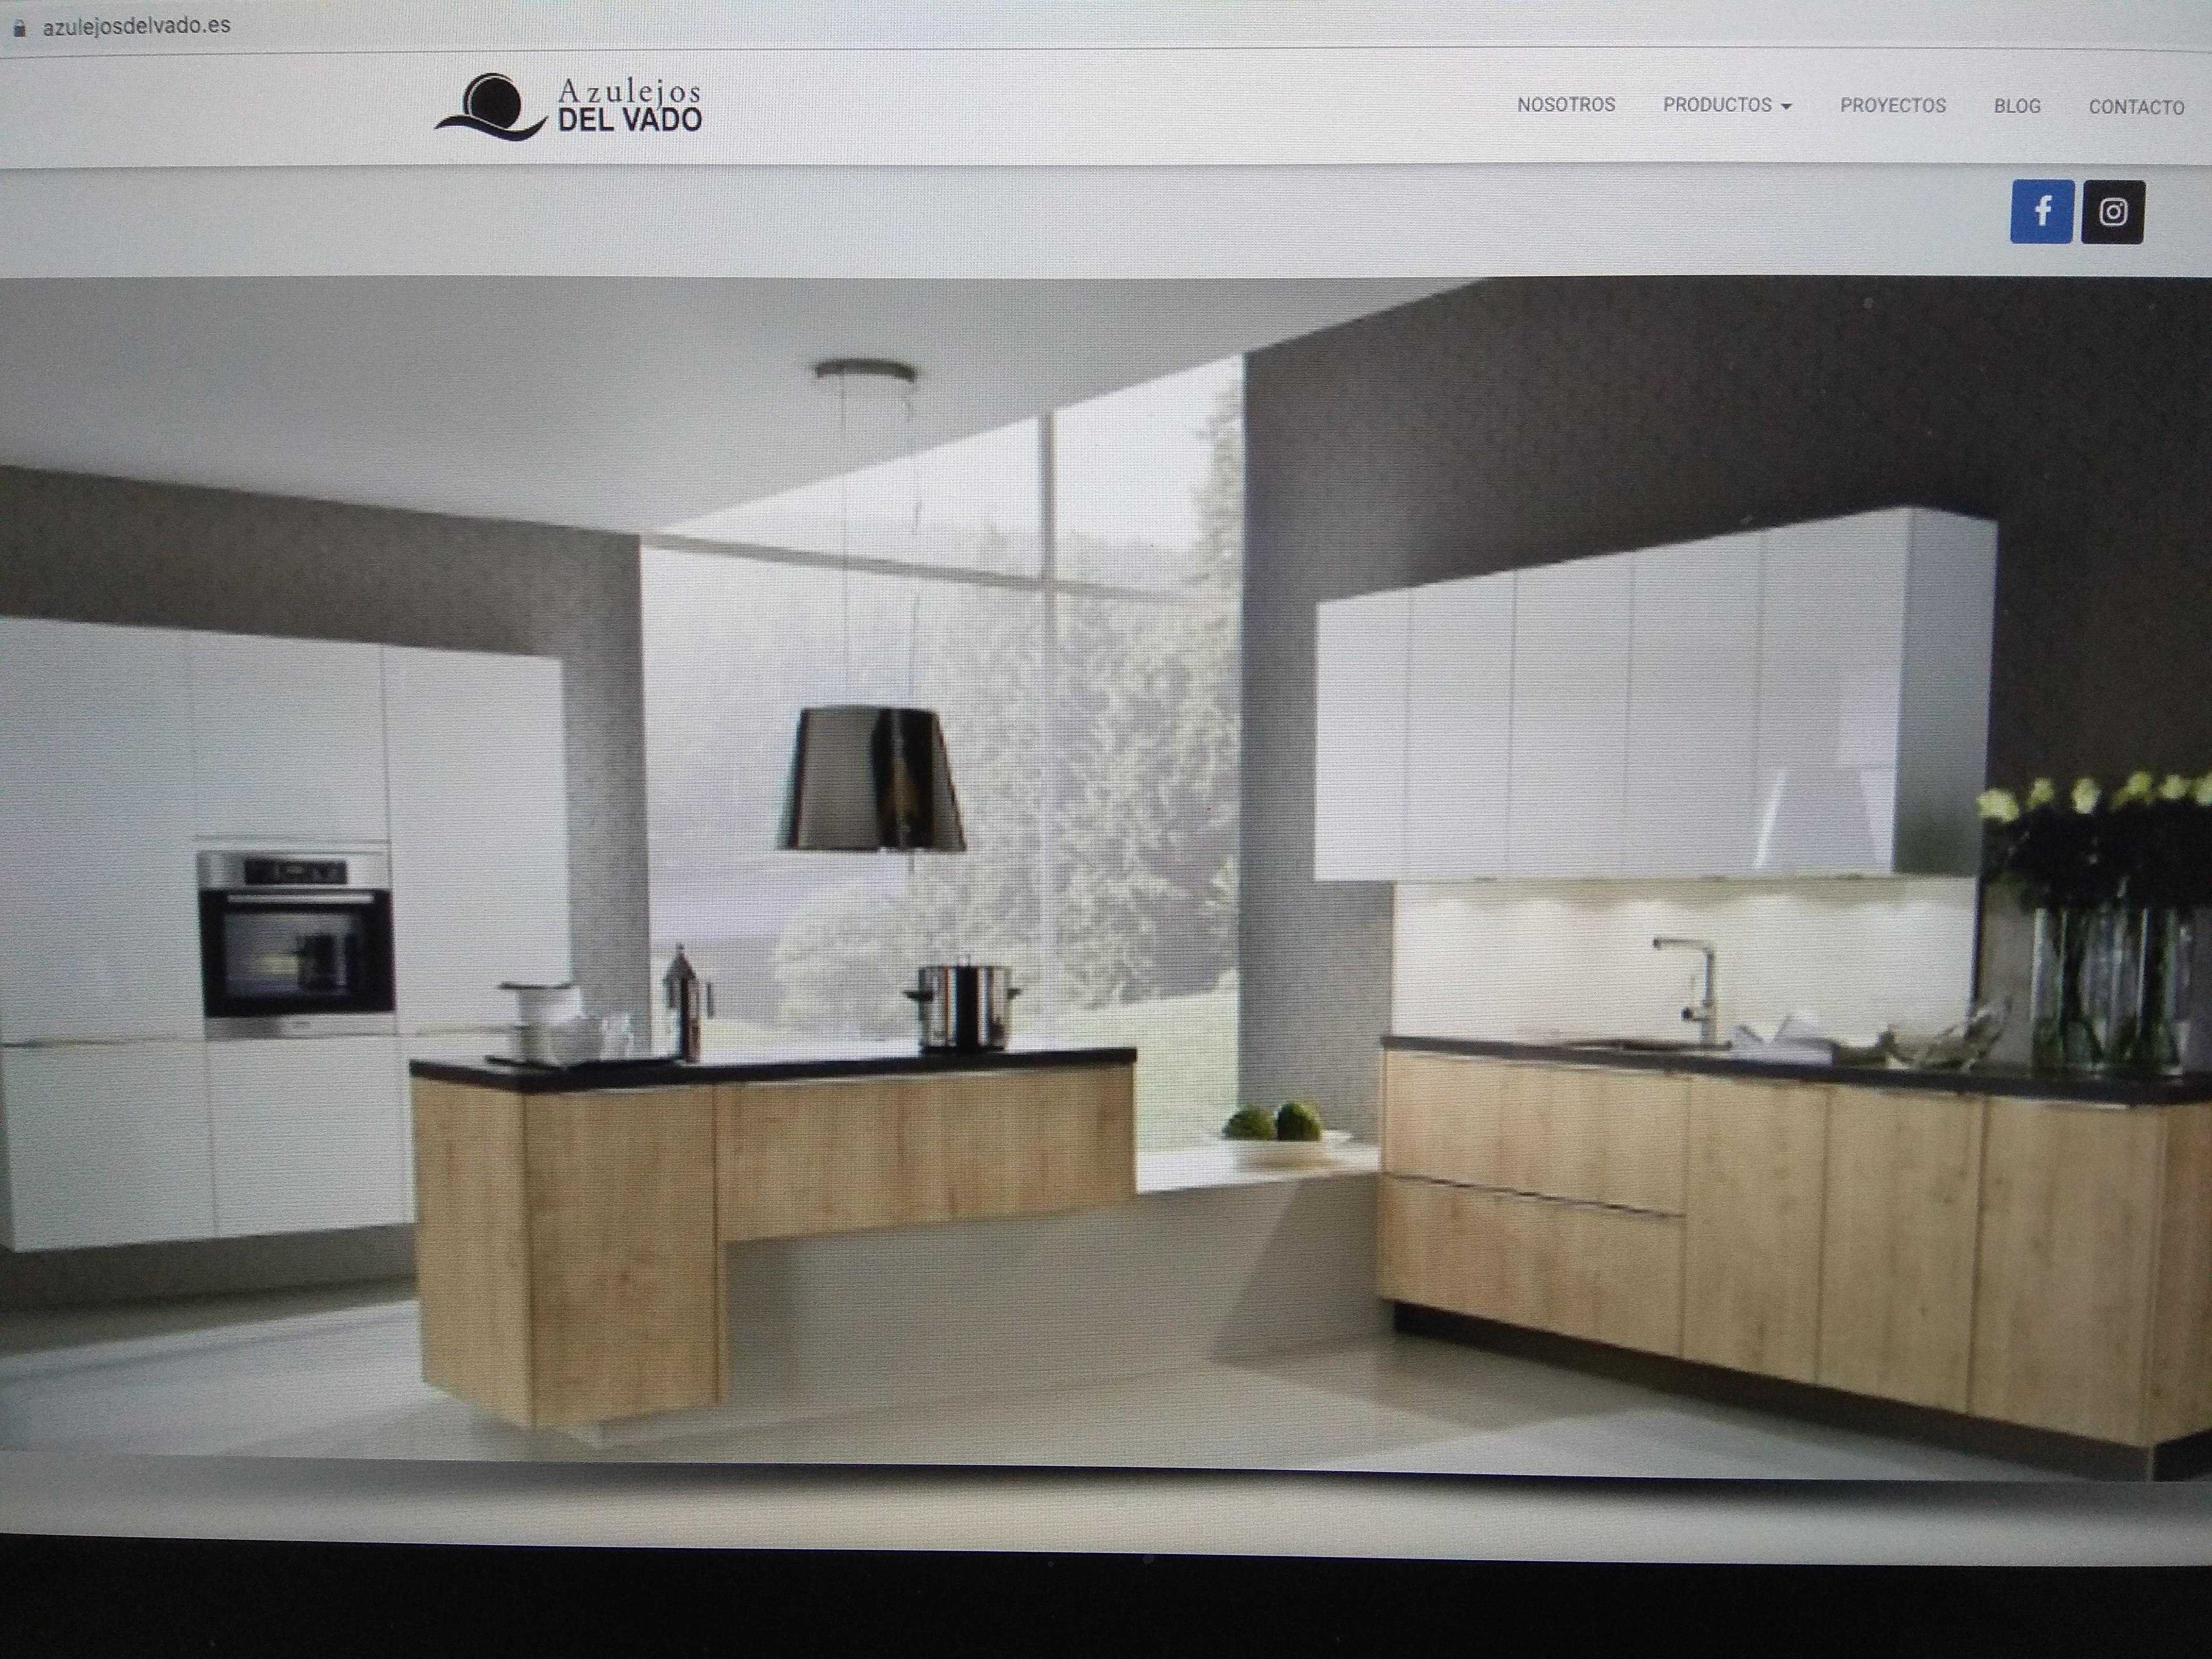 Azulejos del Vado estrena web para que elijas las mejores firmas y últimas tendencias del mercado en la decoración y reforma de tu hogar